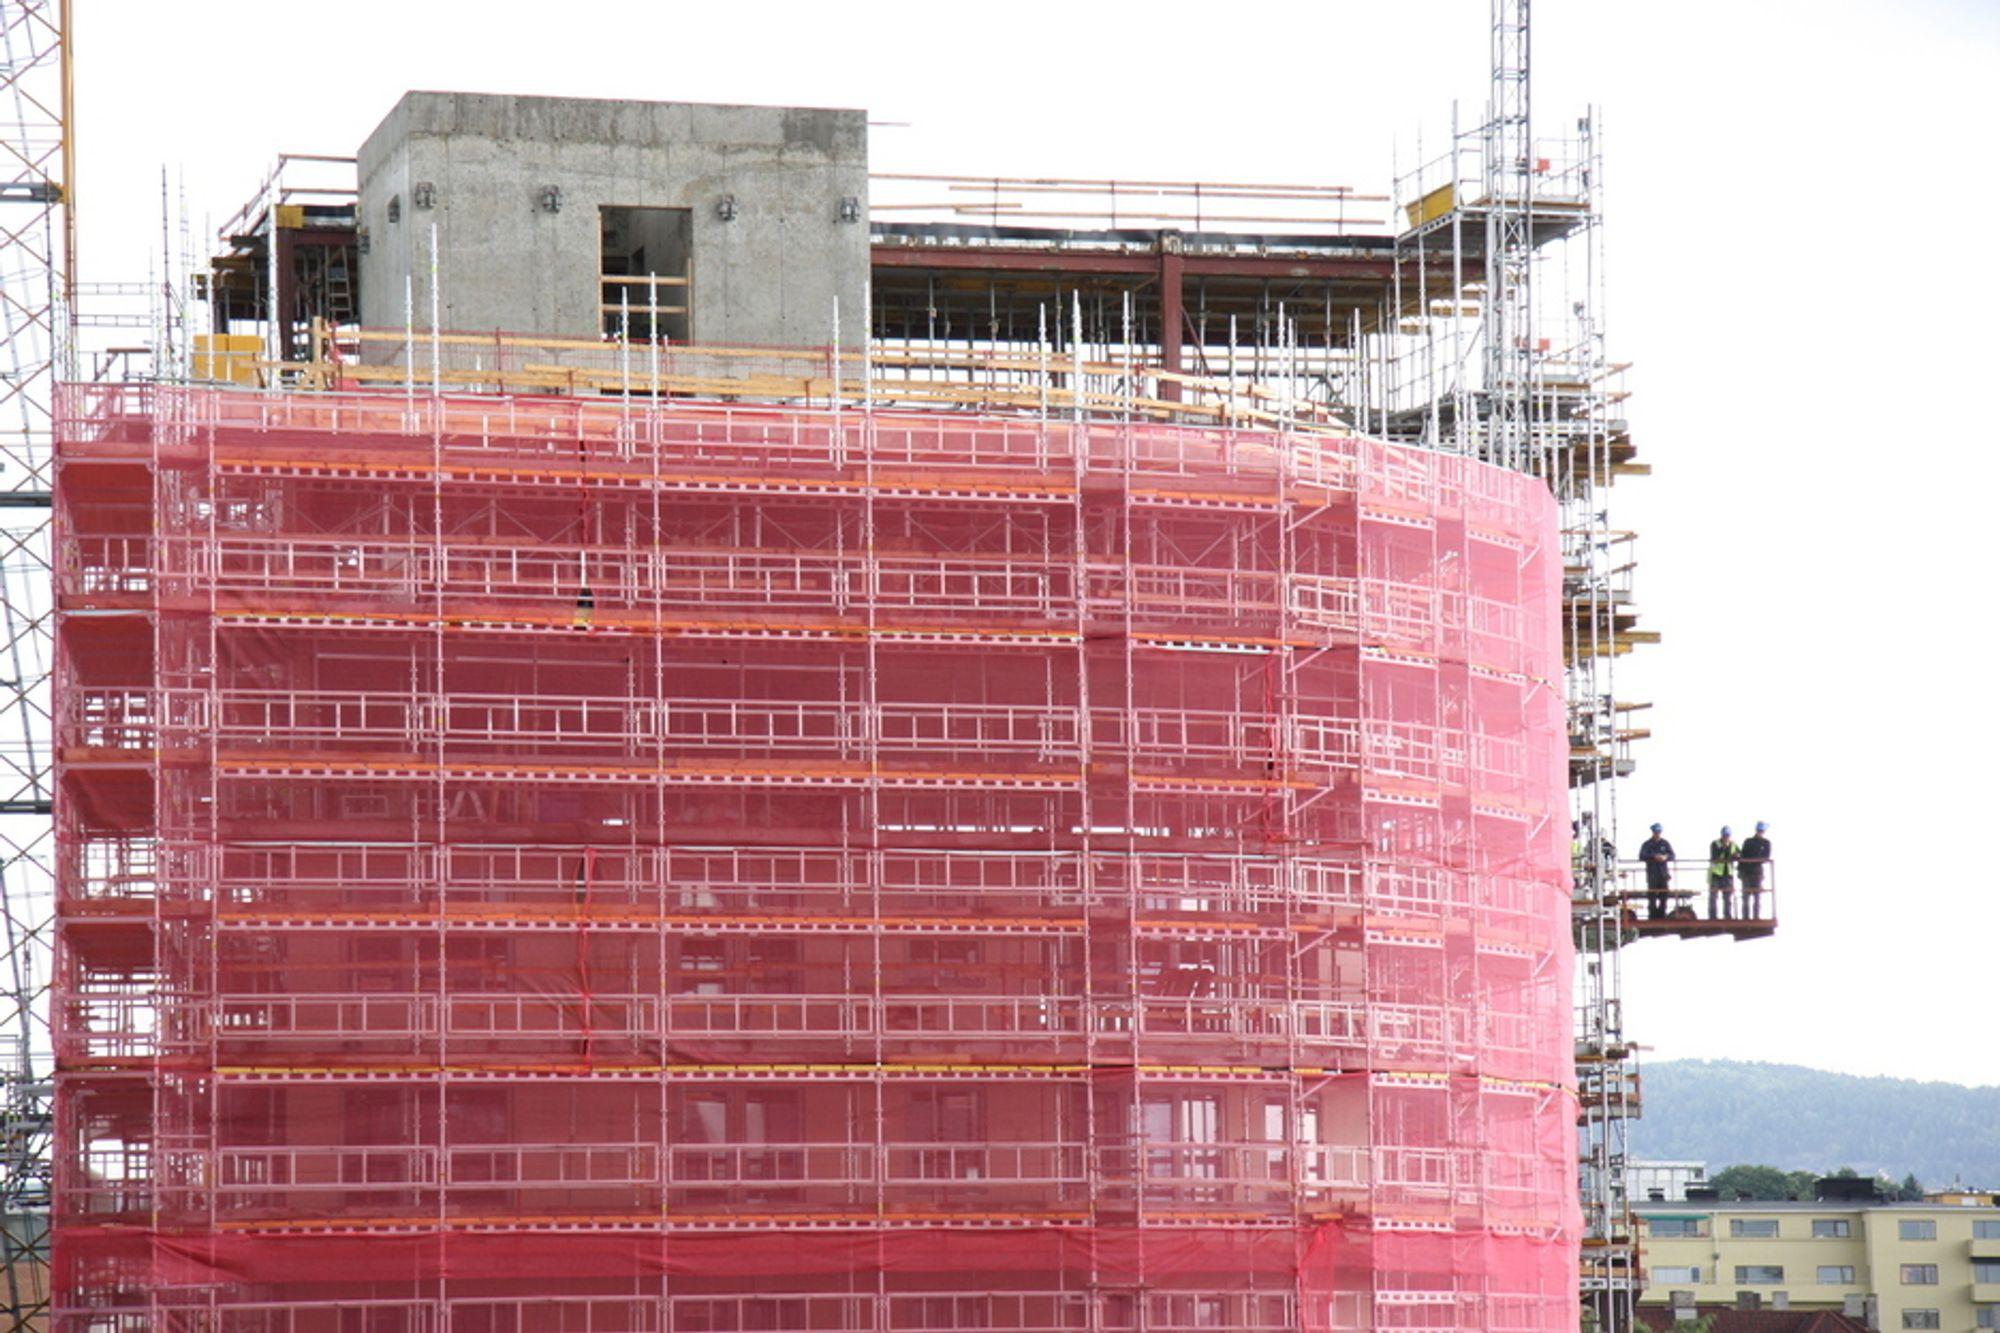 FARLIG: Kun halvparten av alle skader i bygg og anlegg meldes inn, ifølge Fellesforbundet, som nå vil aksjonere.